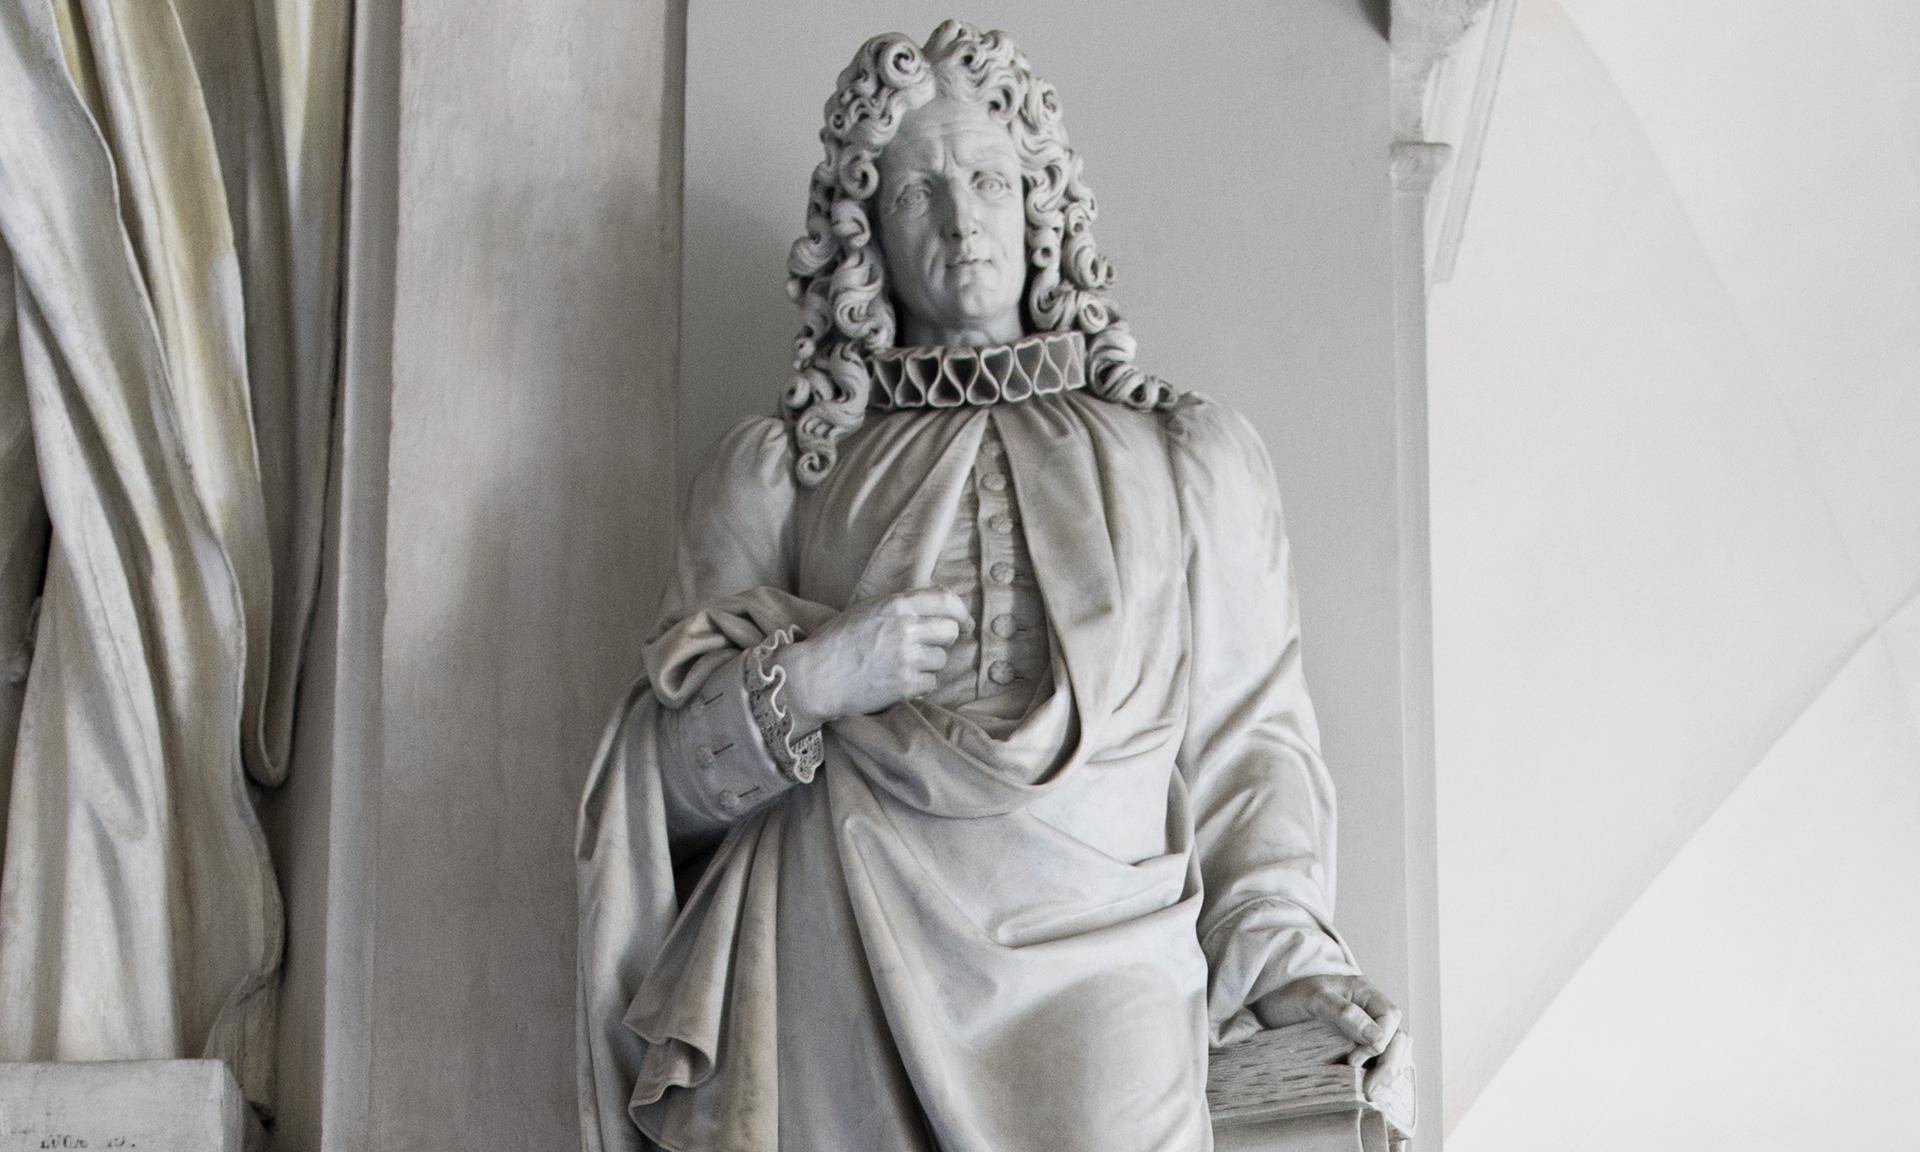 statue_ioan-francisci-spinulae_01 - Albergo dei Poveri Genova